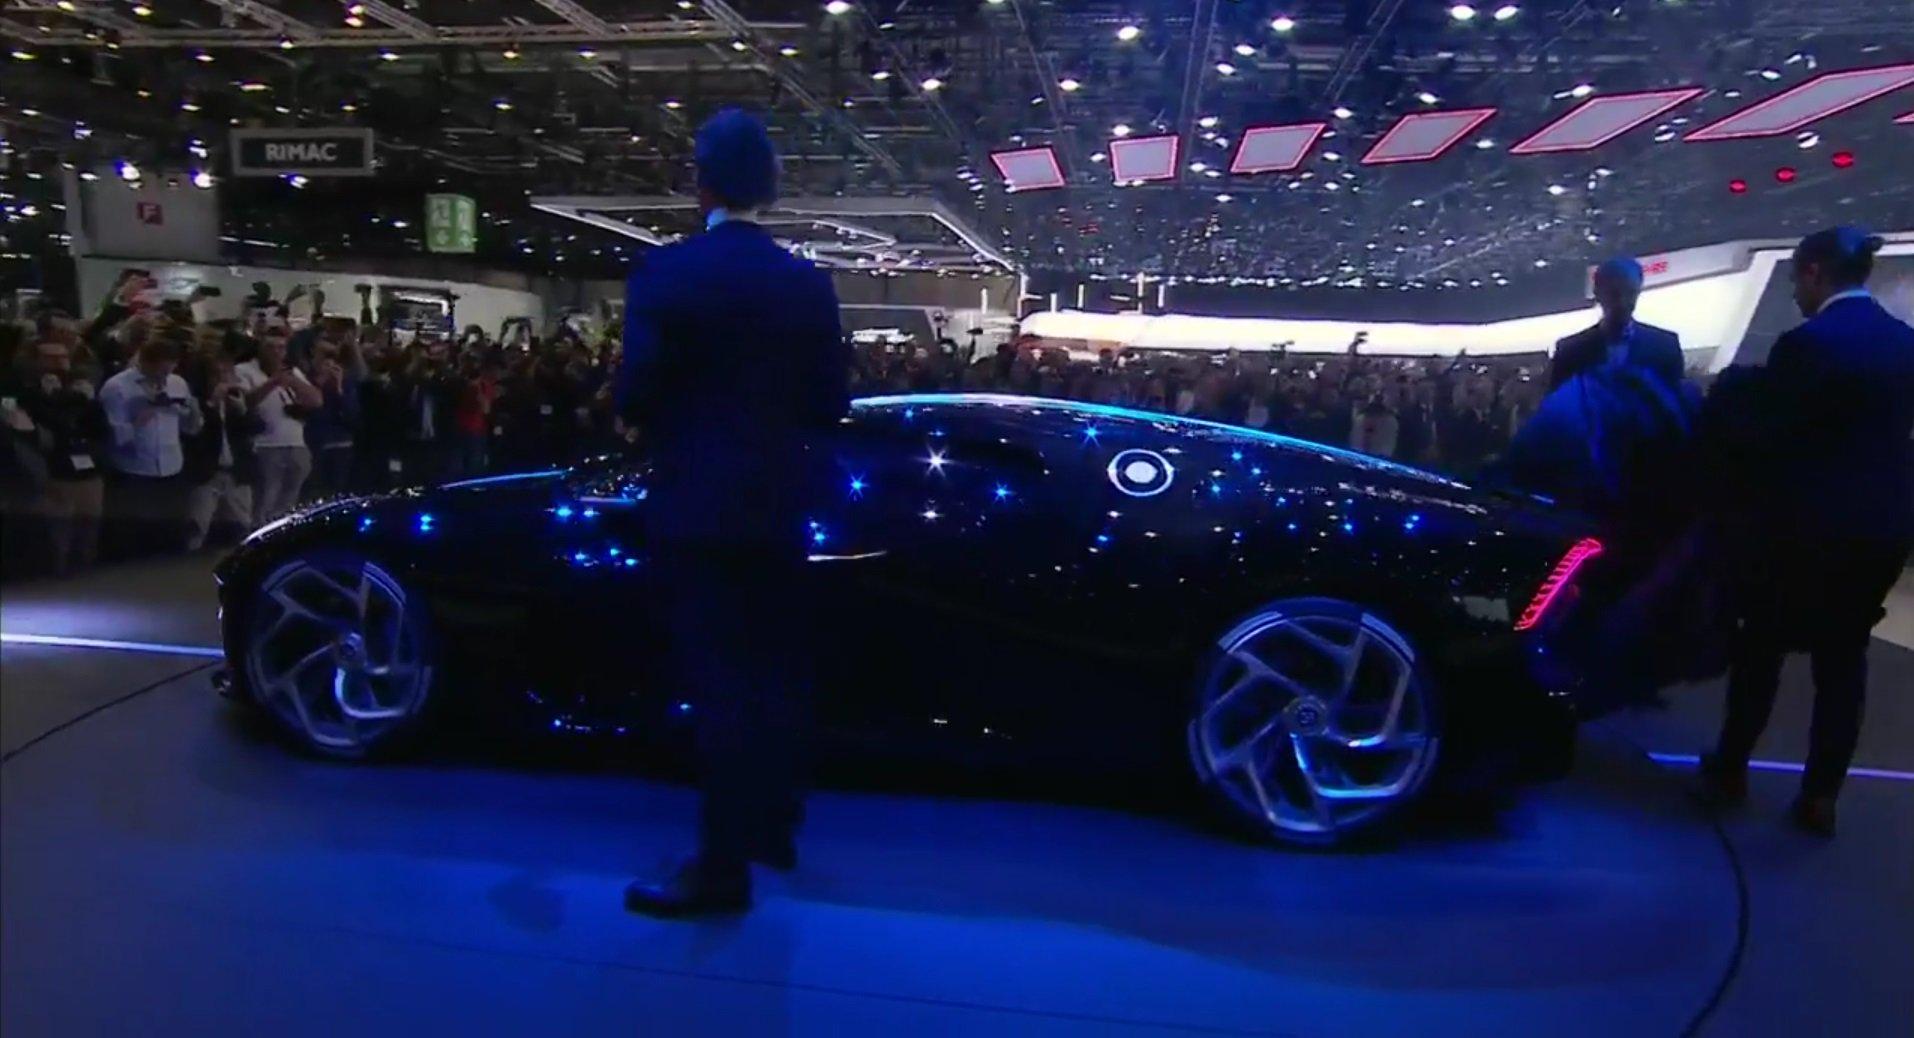 Bugatti La Voiture Noire - Salone di Ginevra 2019